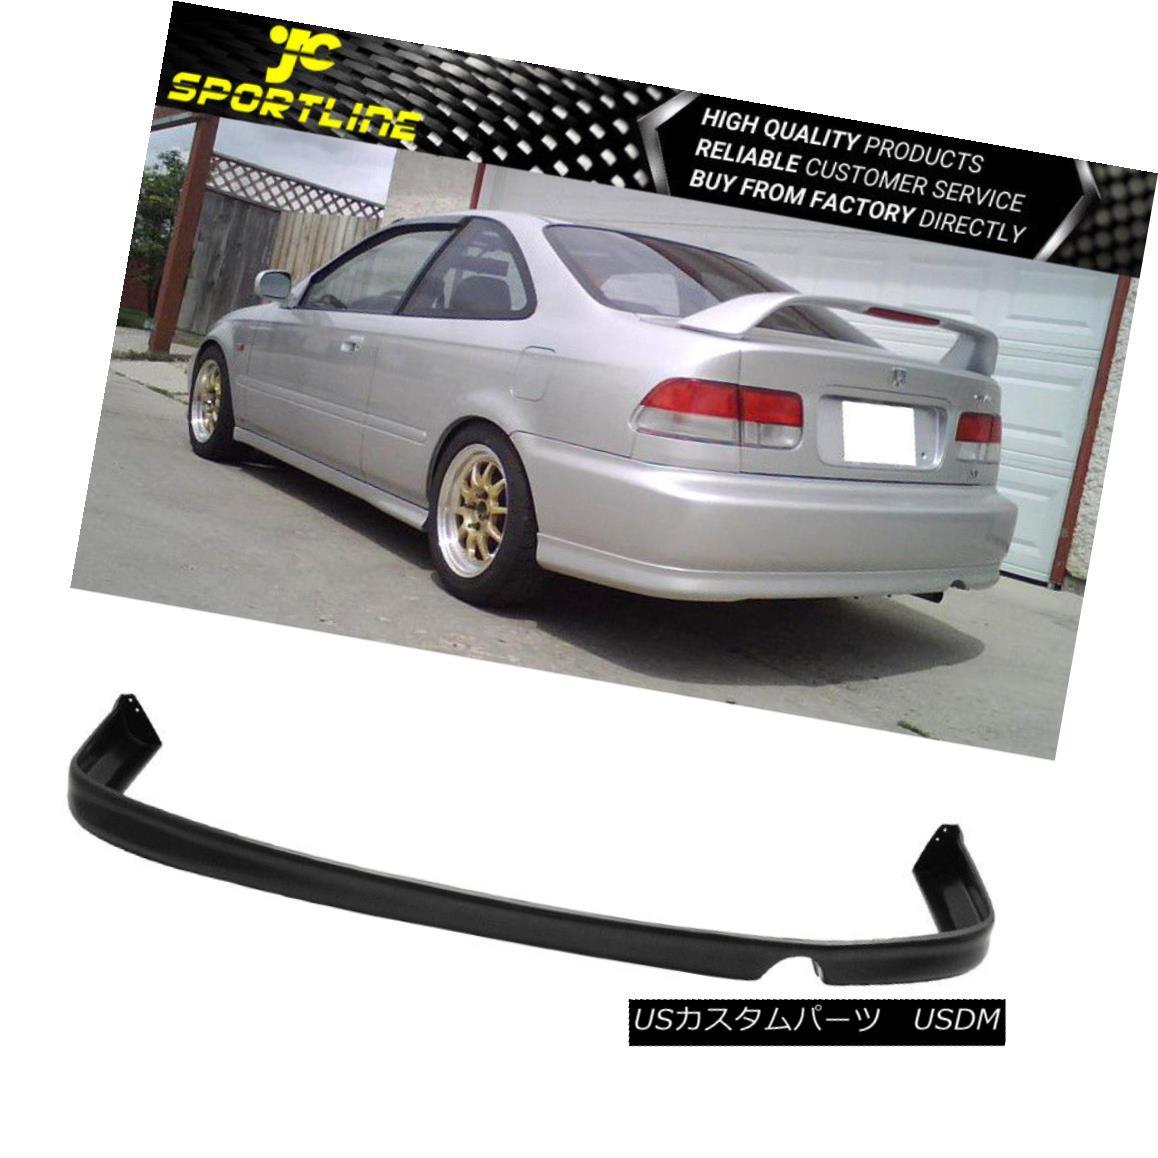 エアロパーツ Fits 92-95 Honda Civic 2Dr 4Dr Black PU Rear Bumper Lip Spoiler Bodykit フィット92-95ホンダシビック2Dr 4DrブラックPUリアバンパーリップスポイラーボディキット